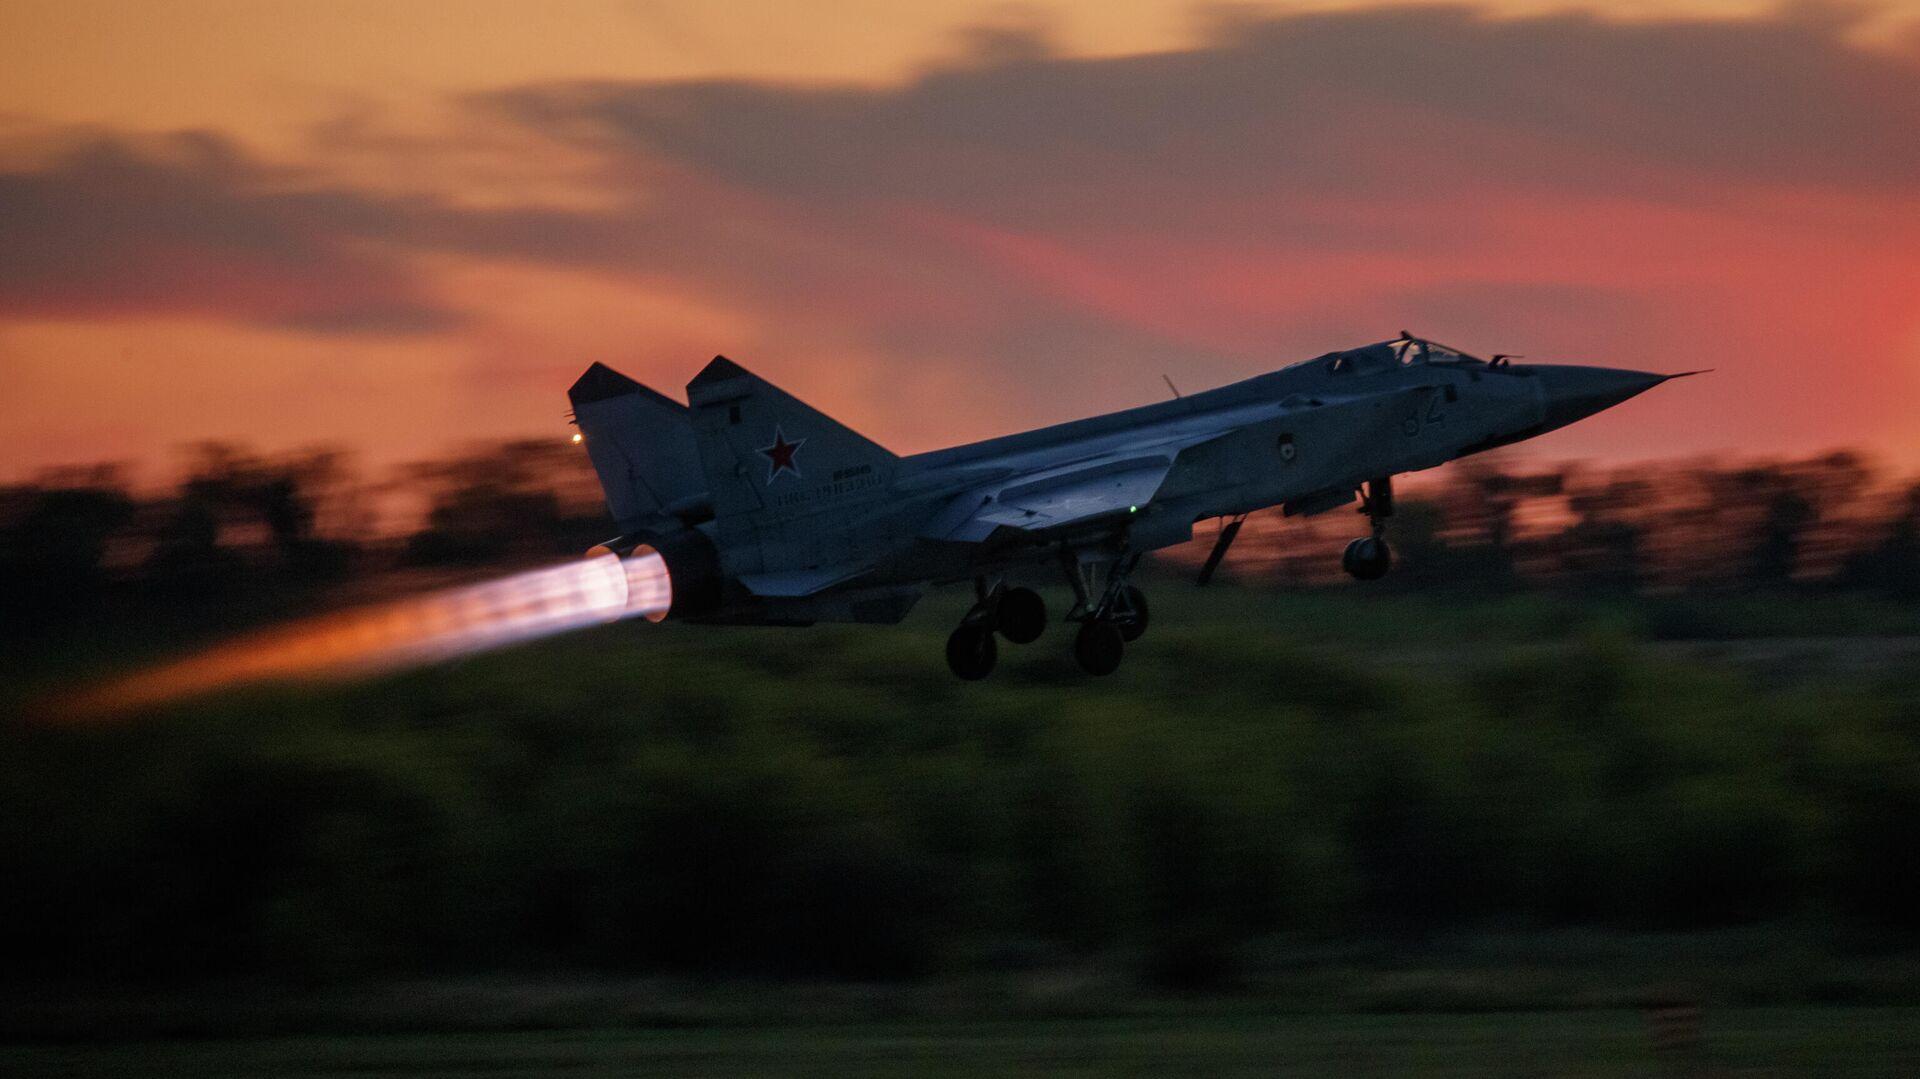 Истребитель-перехватчик МиГ-31 во время взлета - РИА Новости, 1920, 27.07.2020